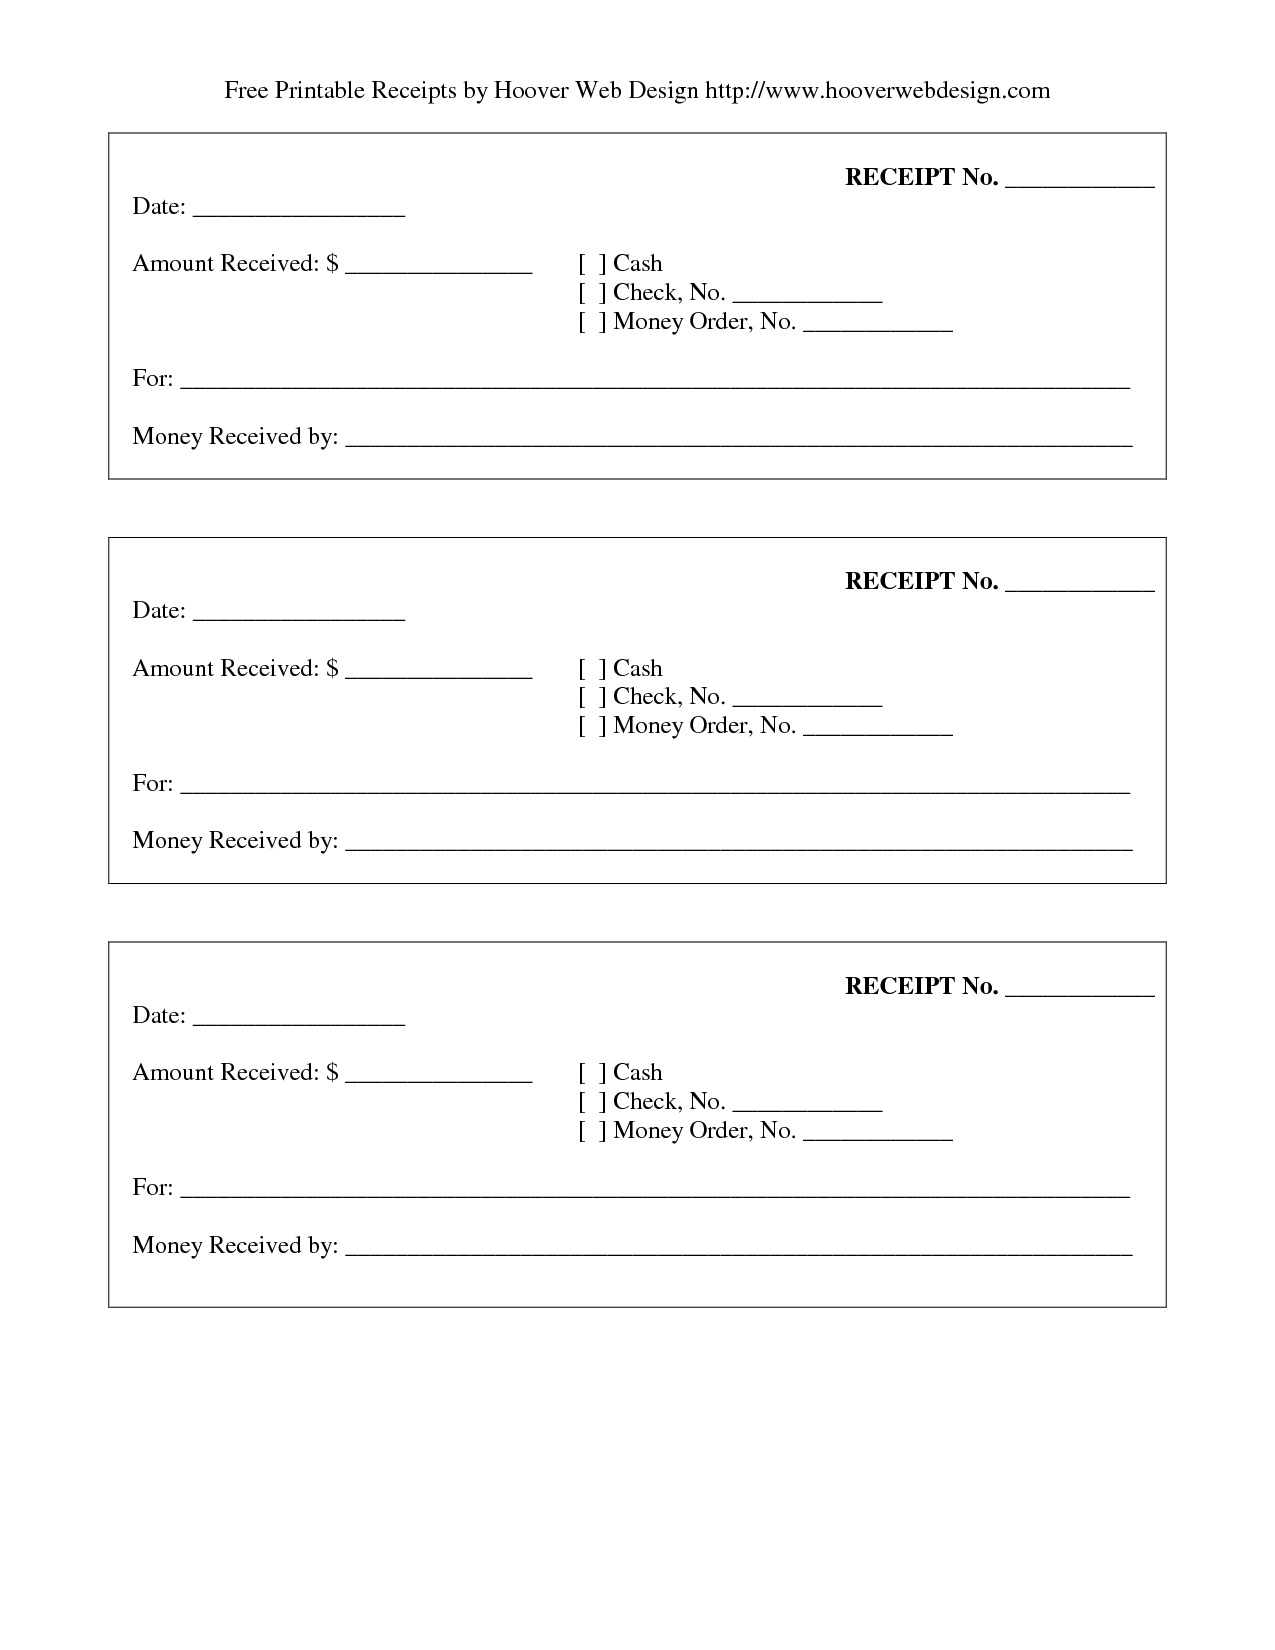 Print Receipt | Free Printable Receipt | Stuff To Buy | Pinterest - Free Printable Receipts